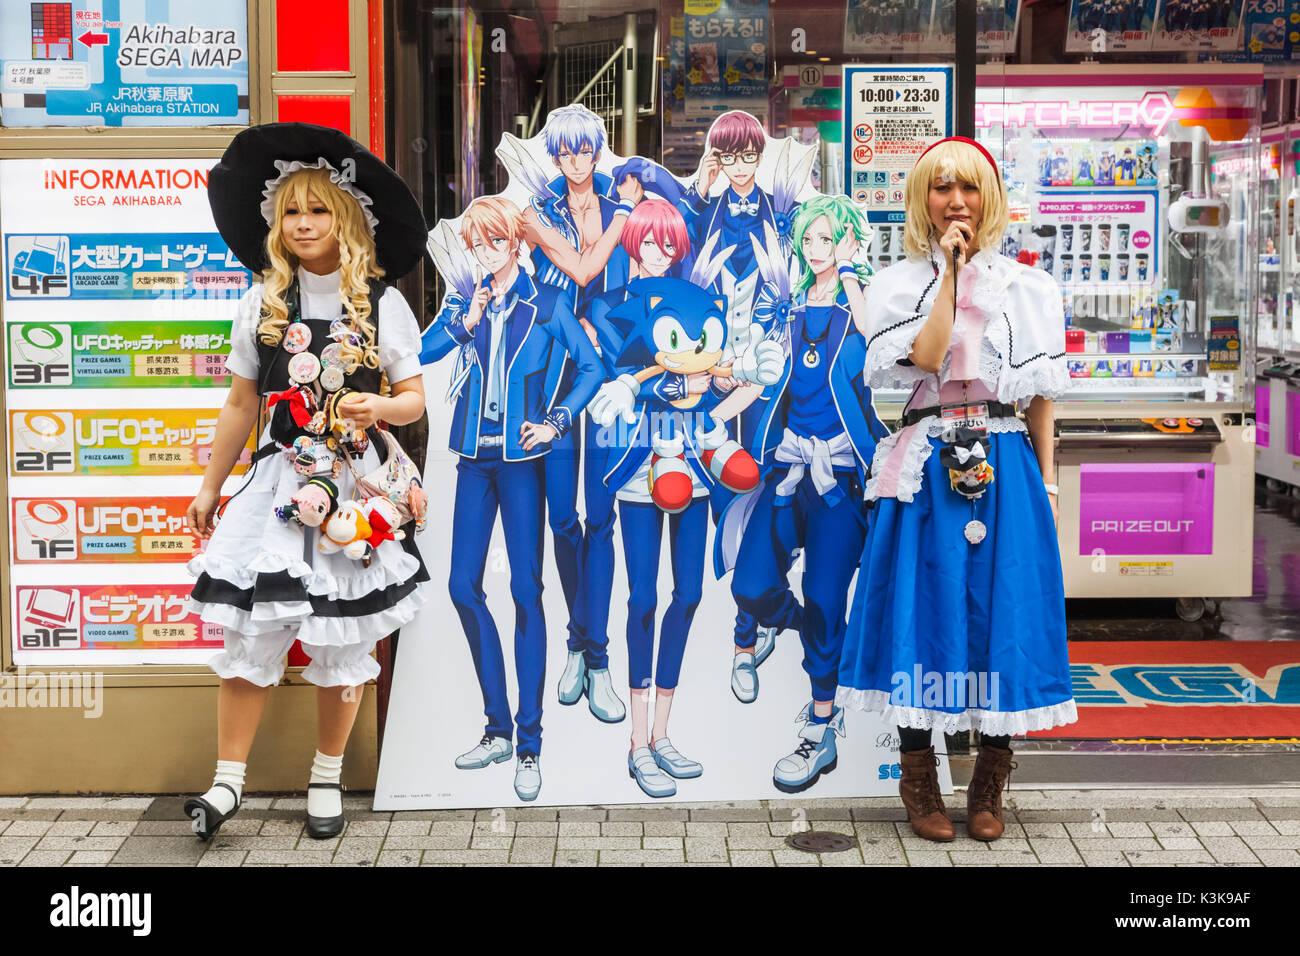 Le Japon, Hoshu, Tokyo, Akihabara, des jeux de l'entrée centrale, les Filles de la promotion de nouveaux jeux Photo Stock